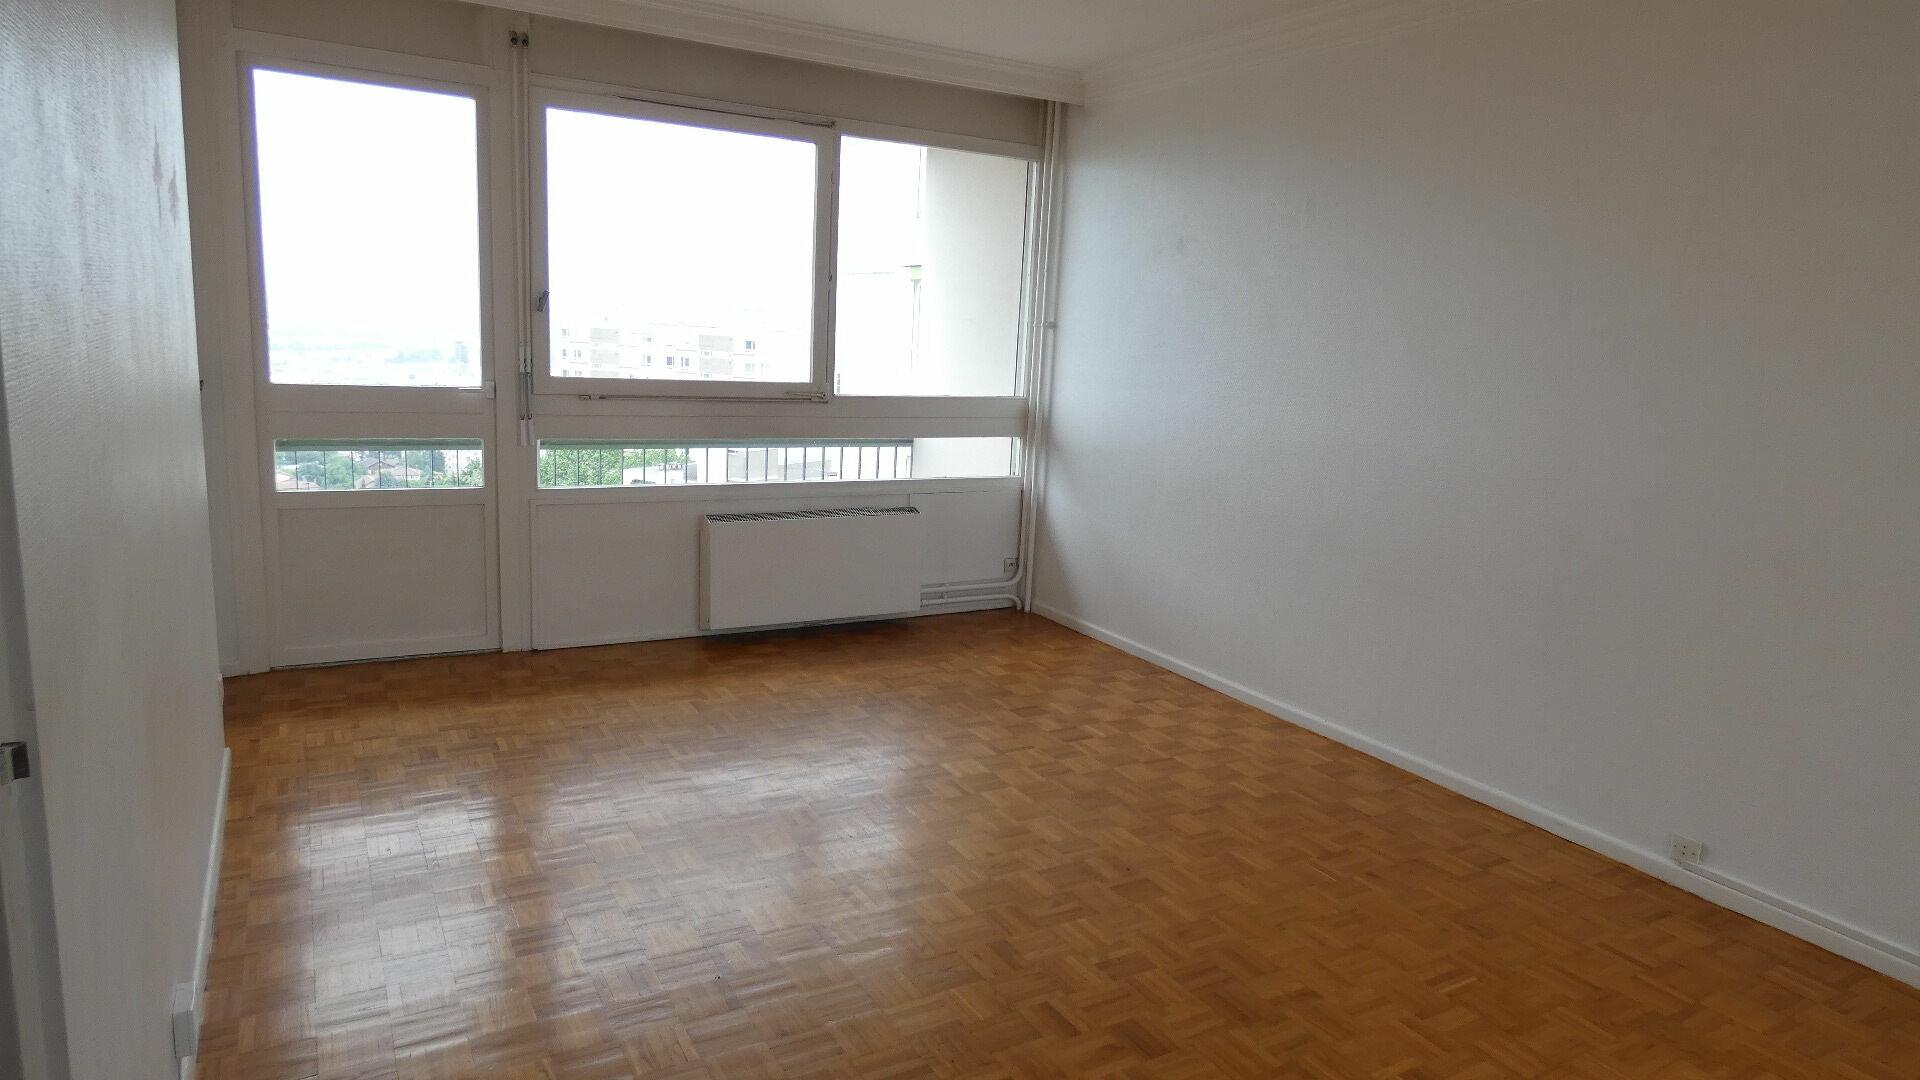 Appartement à louer 3 69.56m2 à Oullins vignette-1